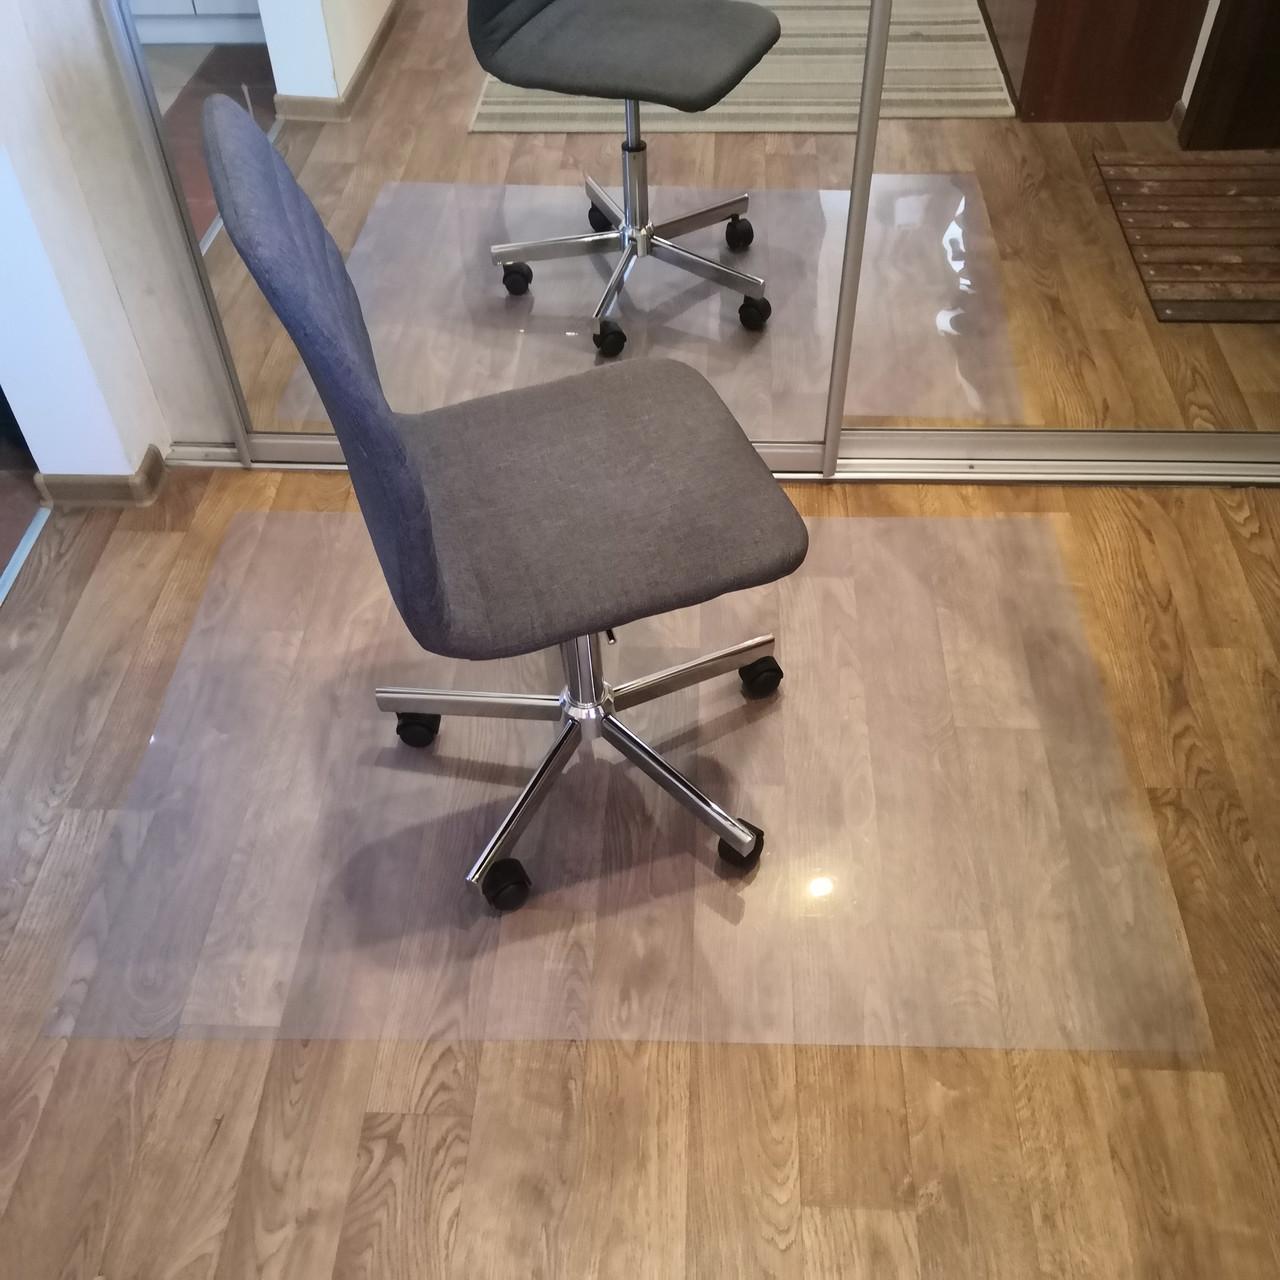 Захисний килимок під крісло 140см х 96см